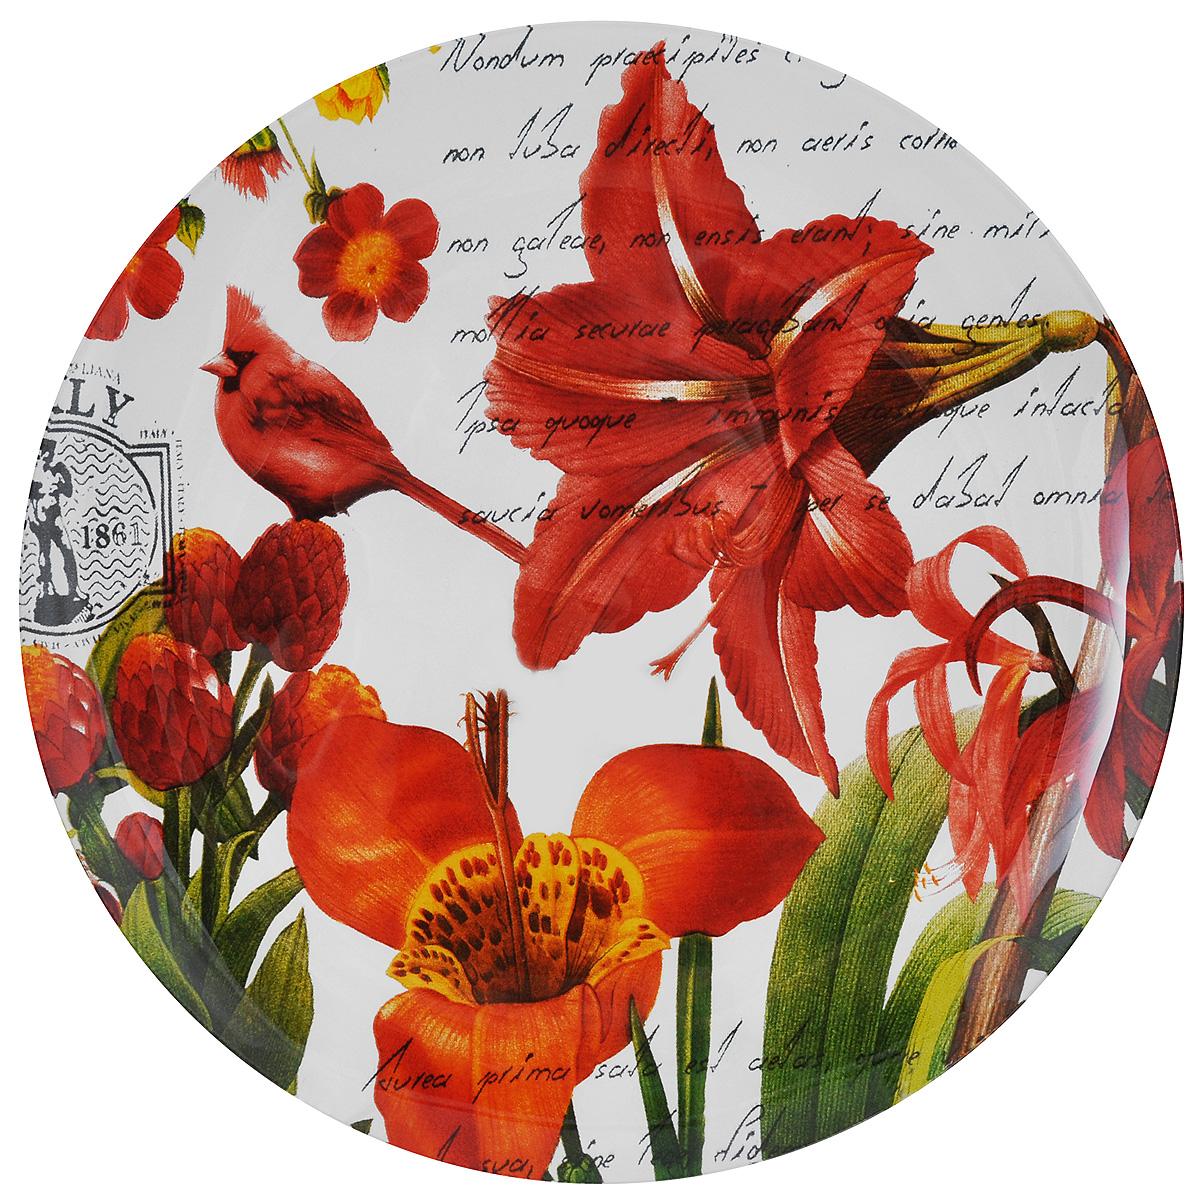 Тарелка Zibo Shelley Лилии, диаметр 25 см115510Круглая тарелка Zibo Shelley Лилии, изготовленная из стекла, декорирована ярким изображением цветов. Она не только украсит сервировку вашего стола и подчеркнет прекрасный вкус хозяйки, но и станет отличным подарком. Можно использовать в посудомоечной машине и СВЧ.Диаметр: 25 см. Высота: 1,5 см.